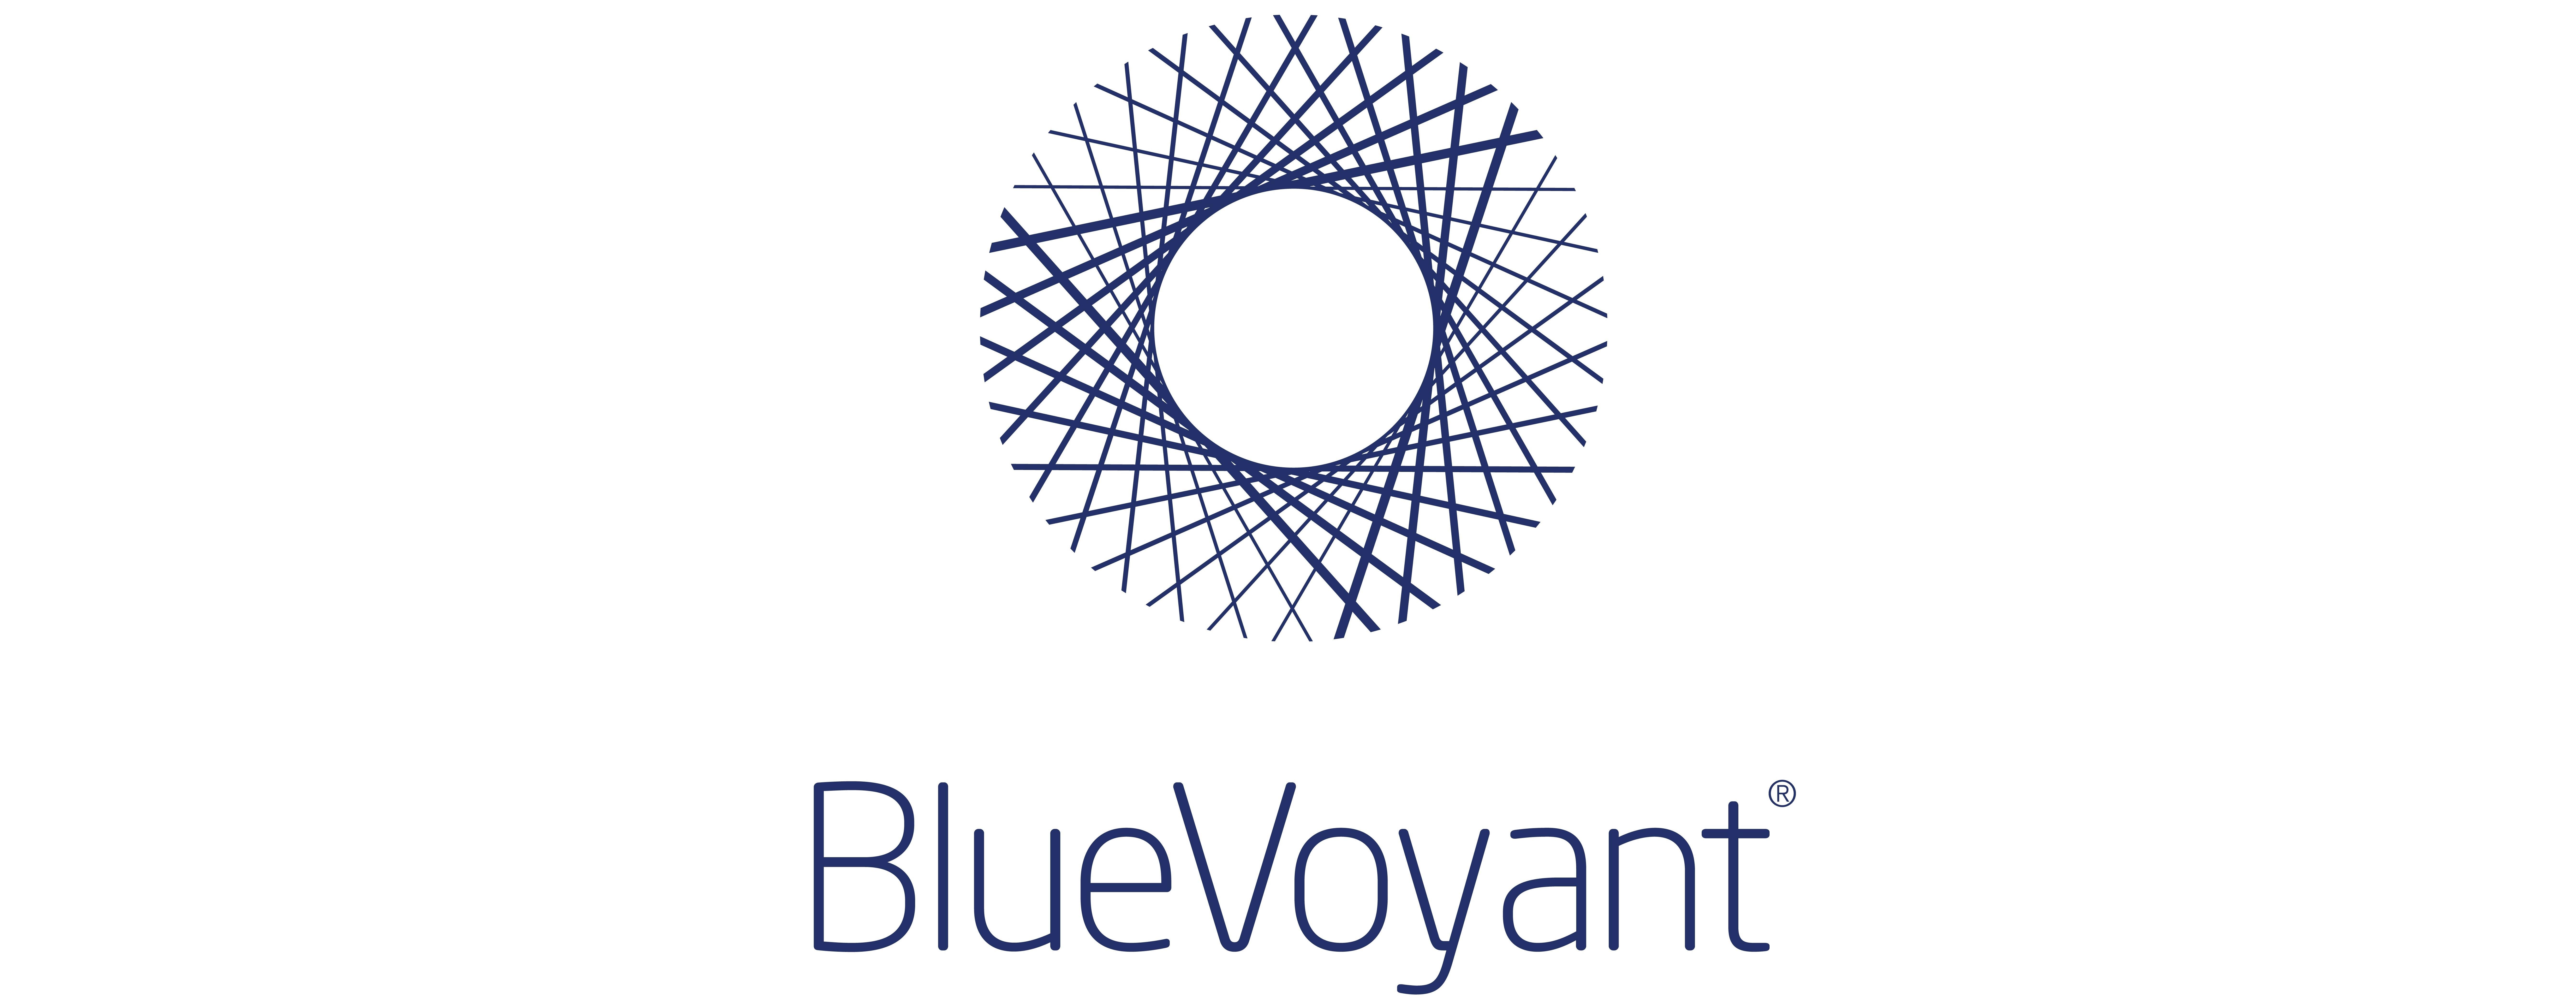 Blue Voyant